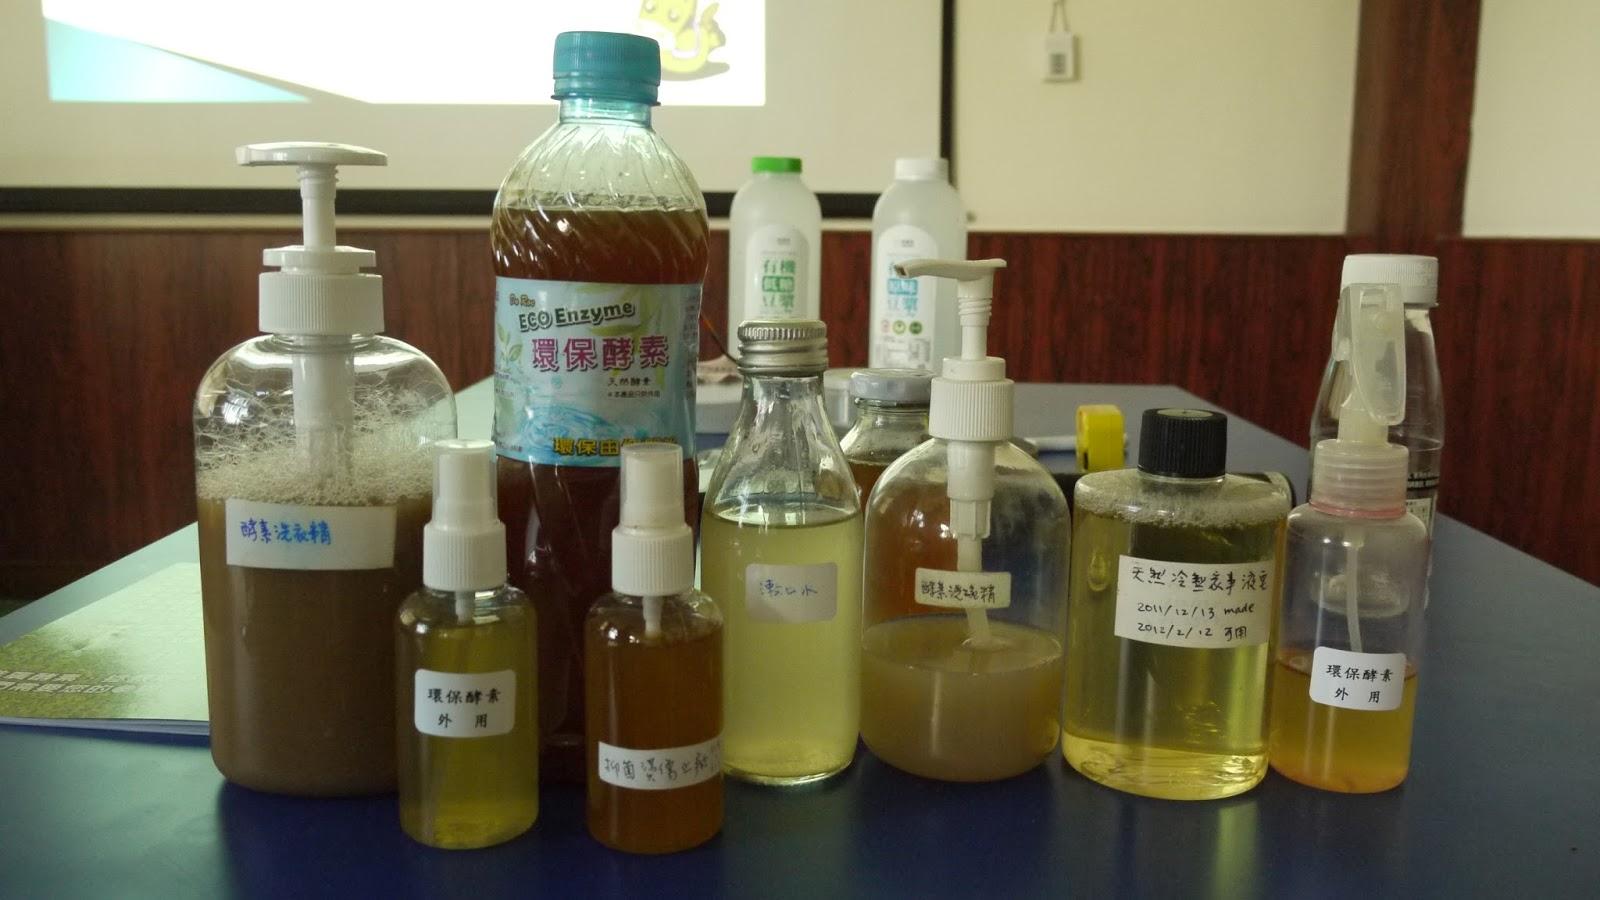 酵素·自製·自製環保清潔酵素 – 青蛙堂部落格